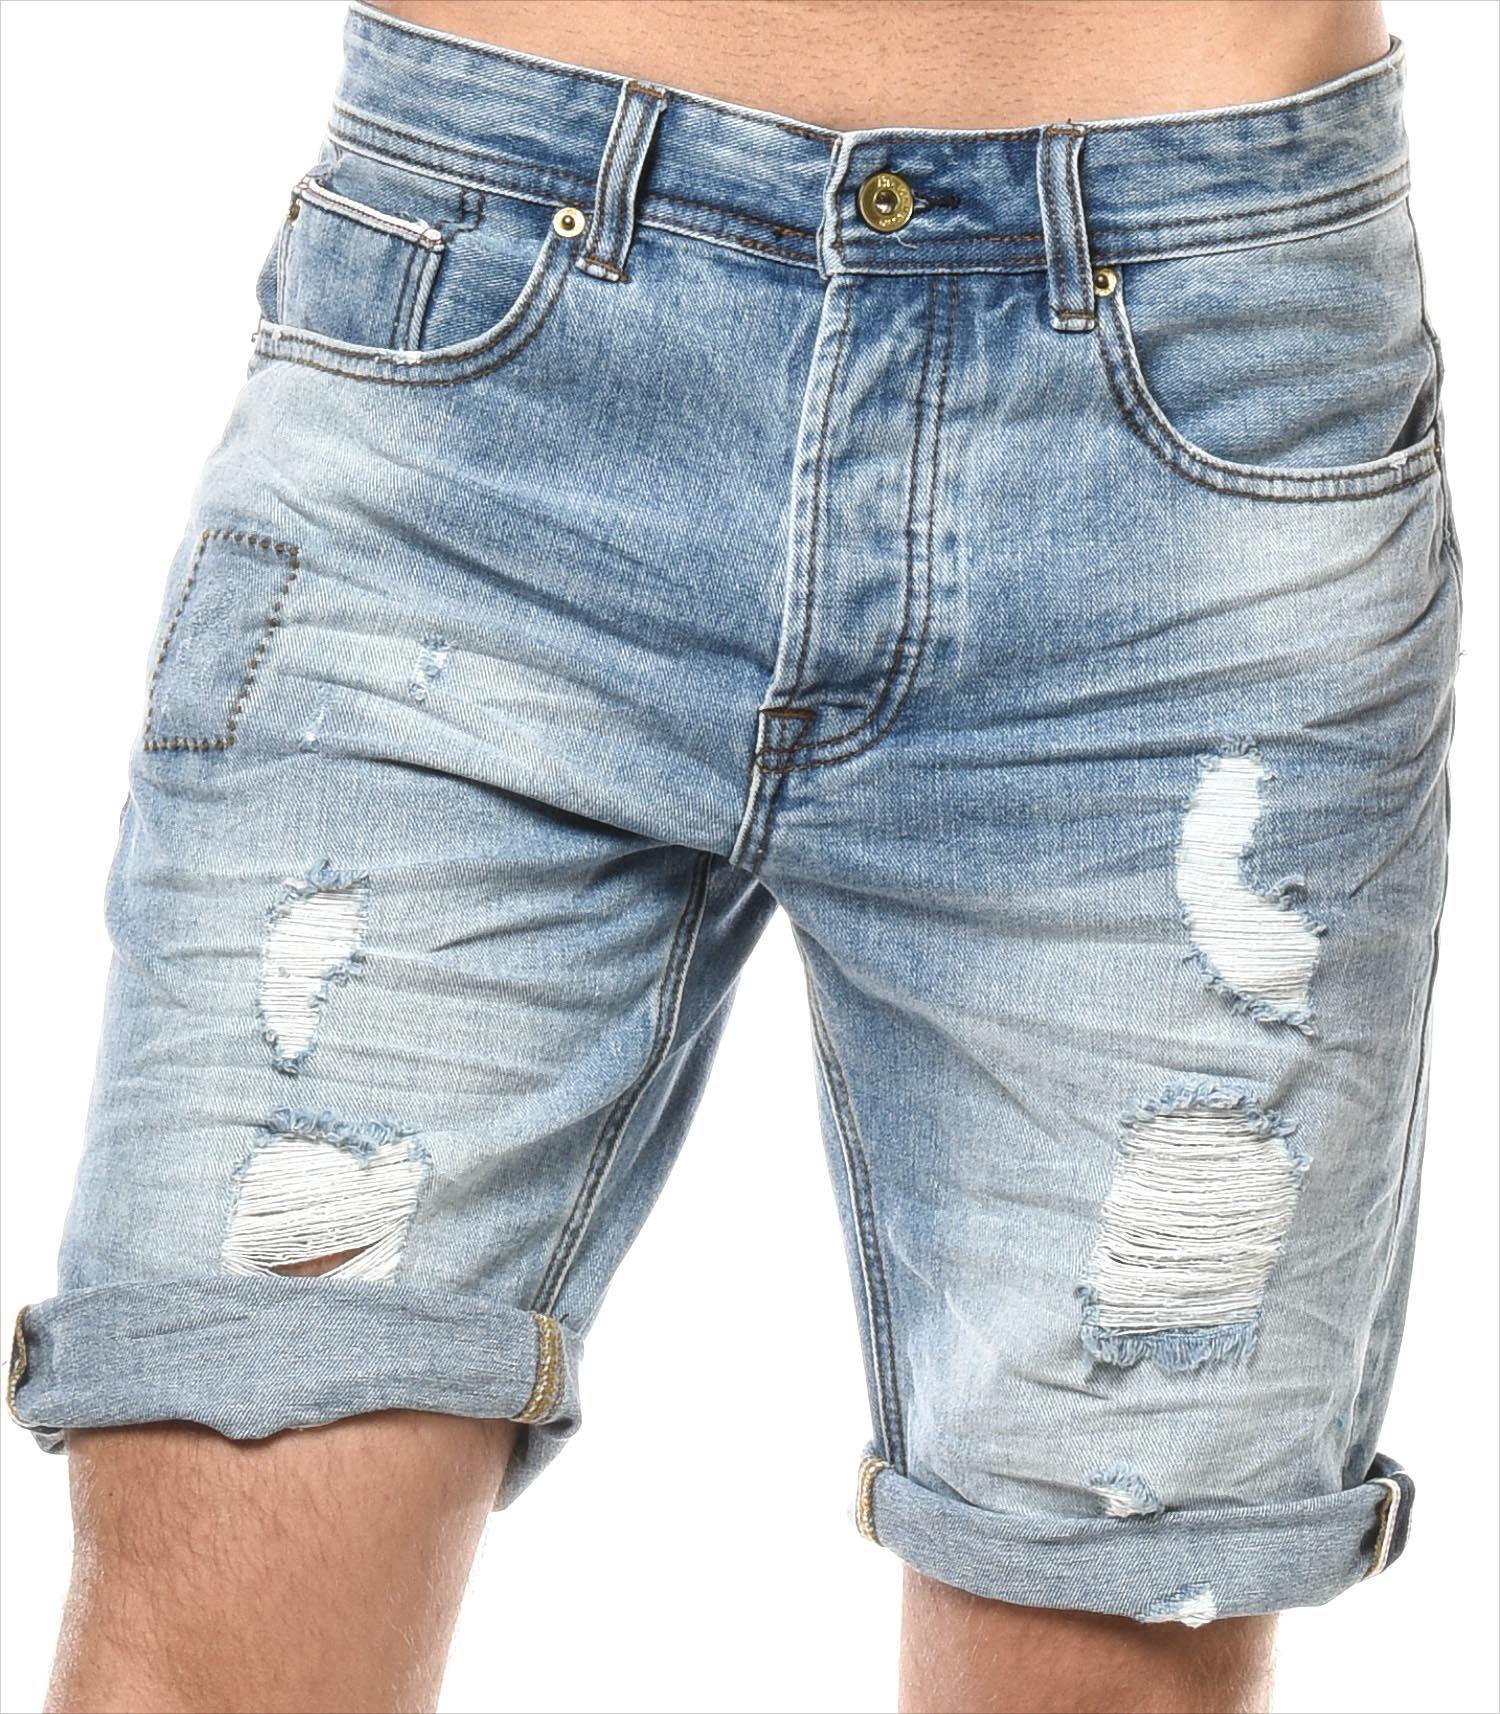 H.landers Short Jeans HL Palmito Mode Homme Rock